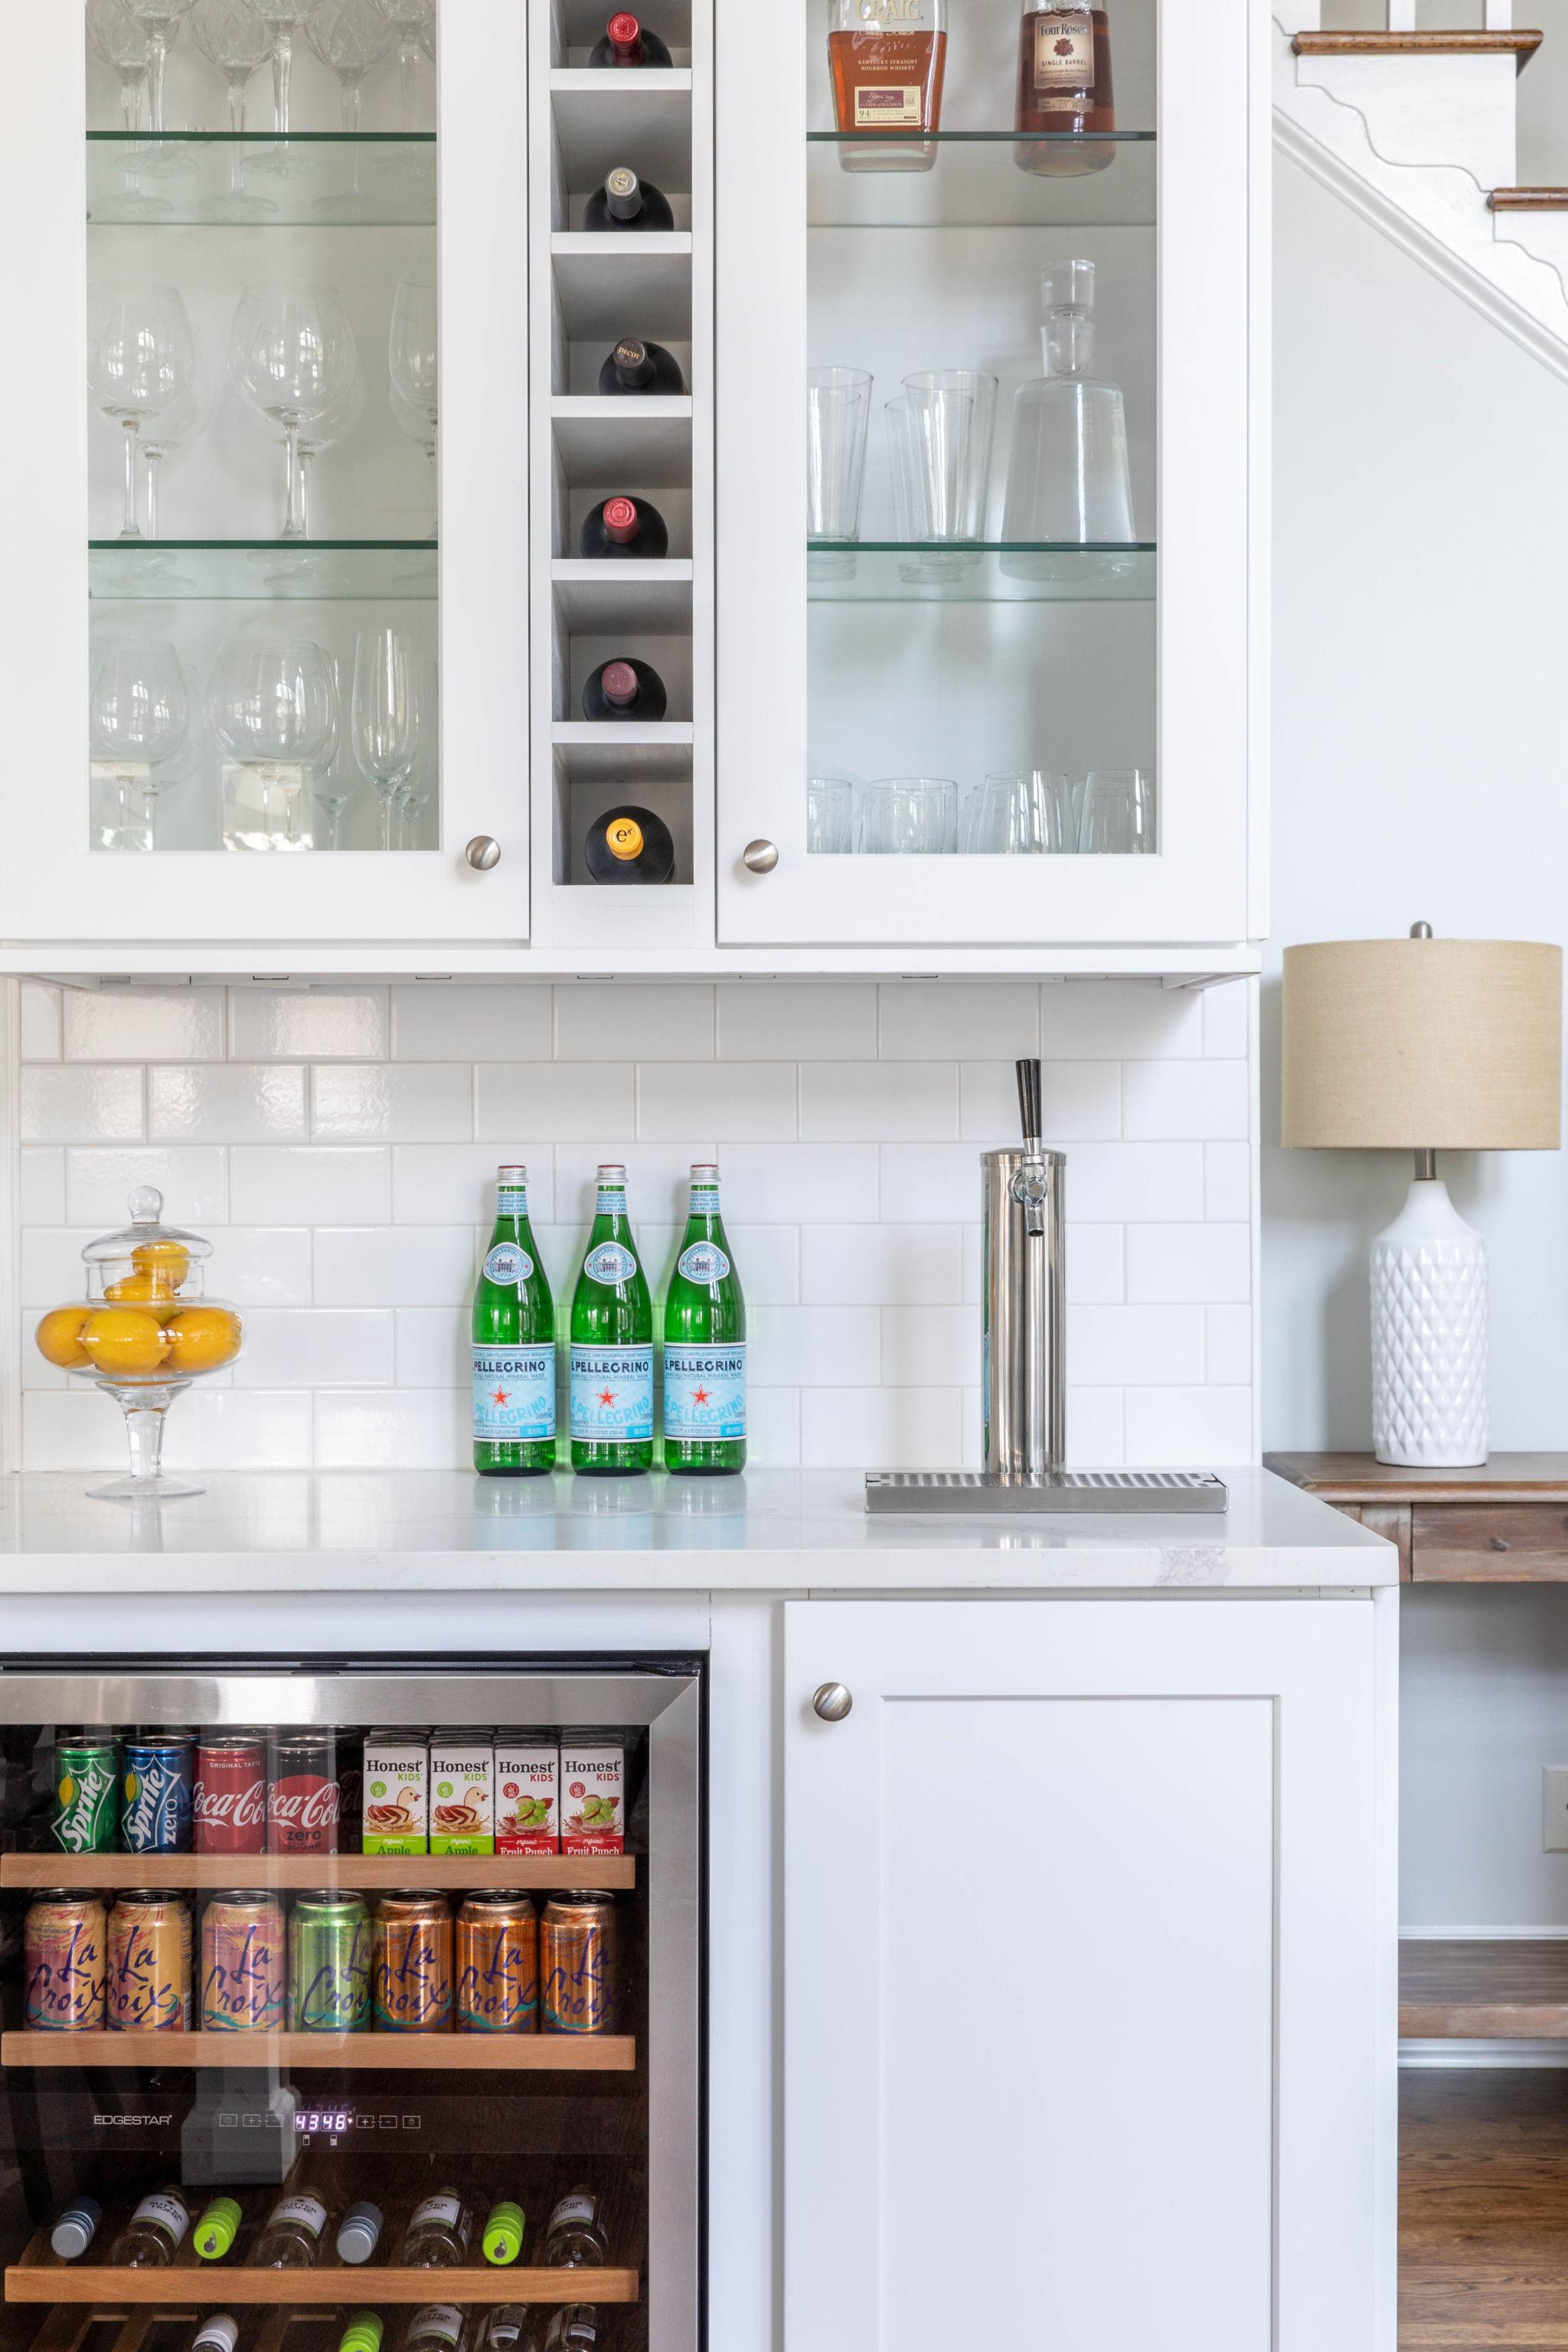 kitchen remodel beverage cabinets